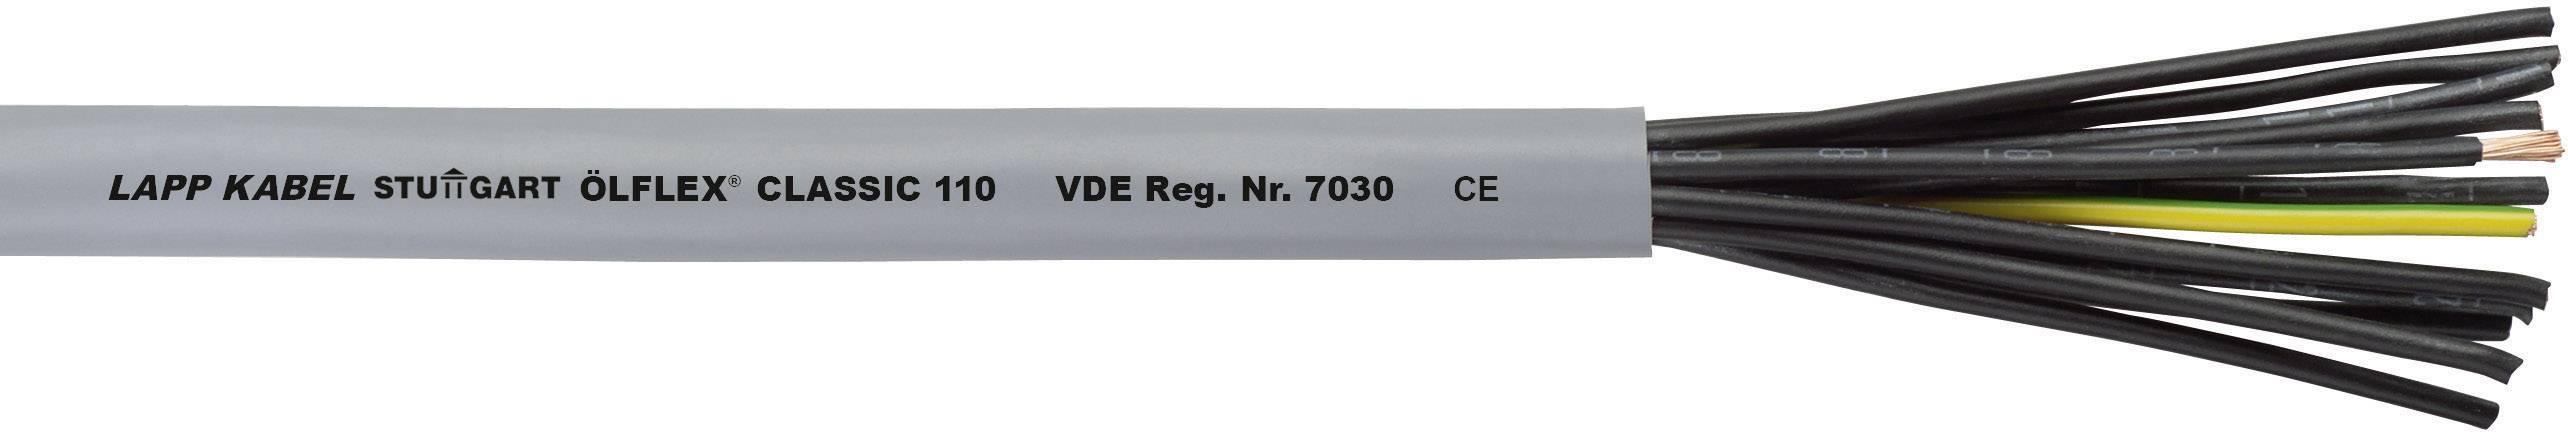 Riadiaci kábel LappKabel ÖLFLEX® CLASSIC 110 1119757, 7 x 0.50 mm², vonkajší Ø 6.70 mm, 500 V, metrový tovar, sivá